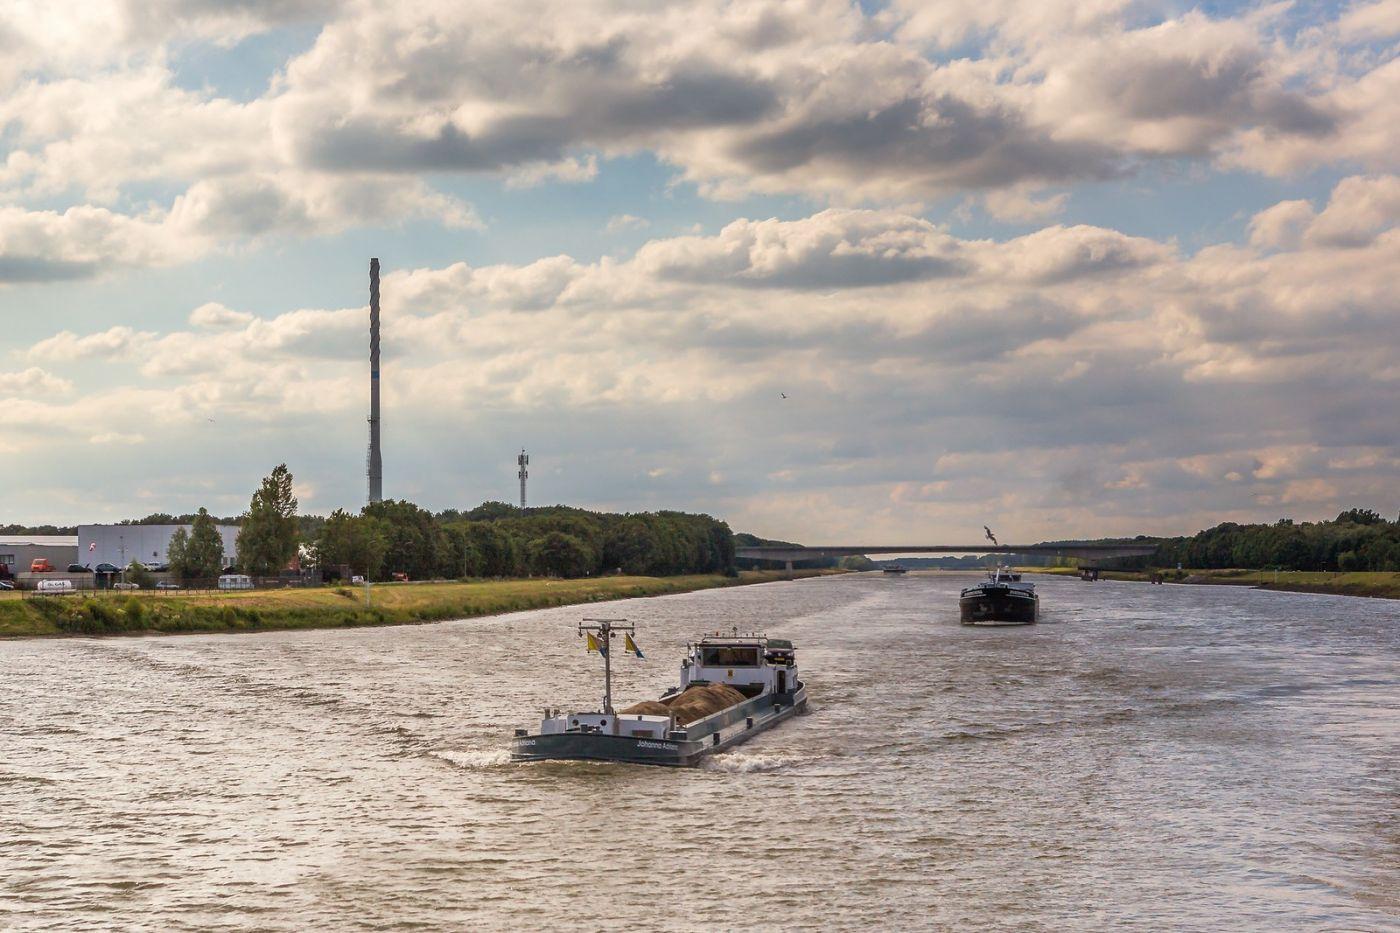 畅游莱茵河,游船商船另一道景_图1-15